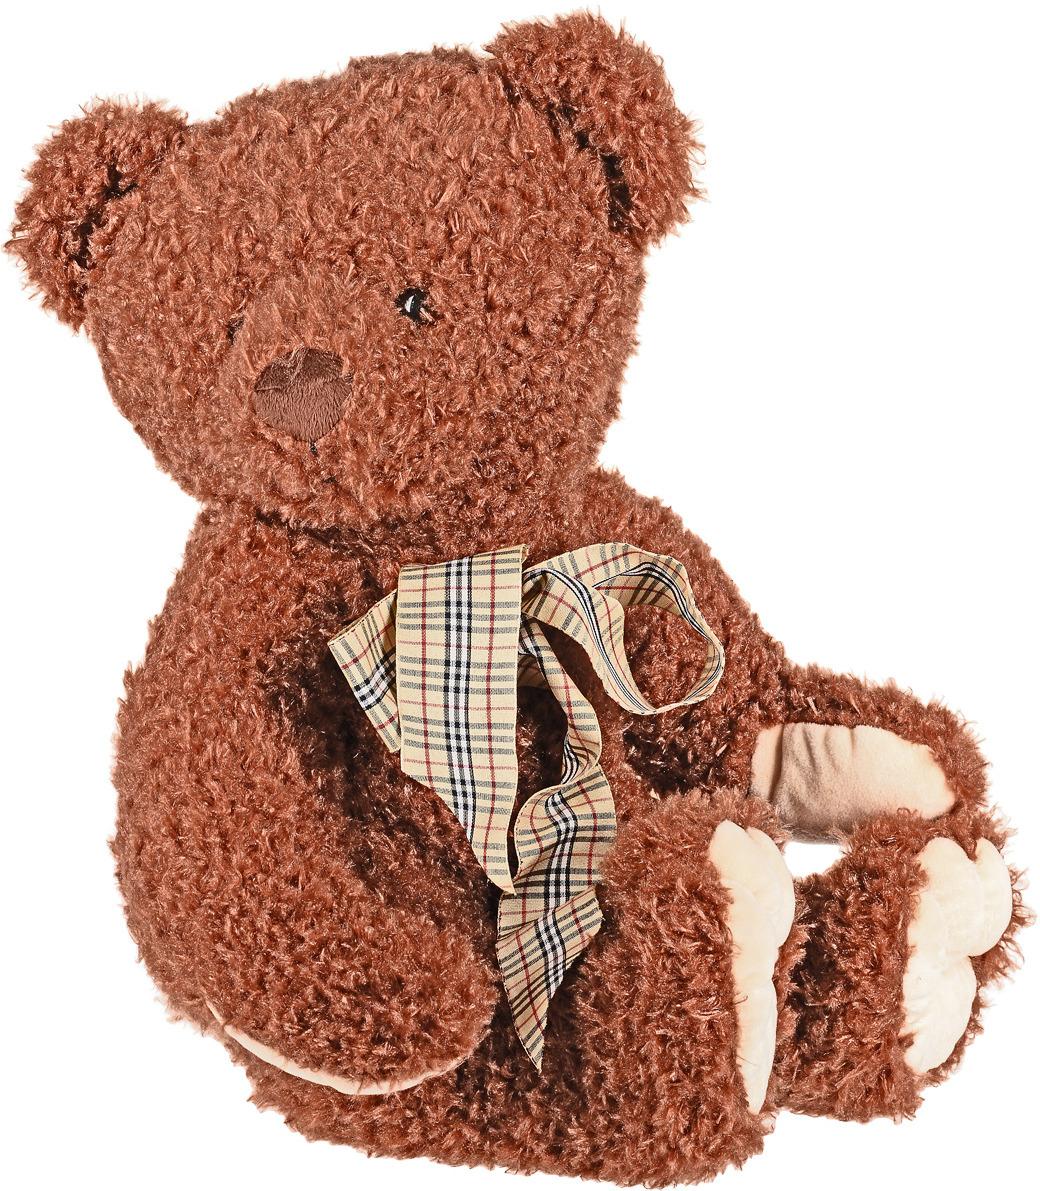 """Мягкая игрушка СмолТойс """"Медвежонок Крис"""", цвет: коричневый, высота 40 см"""